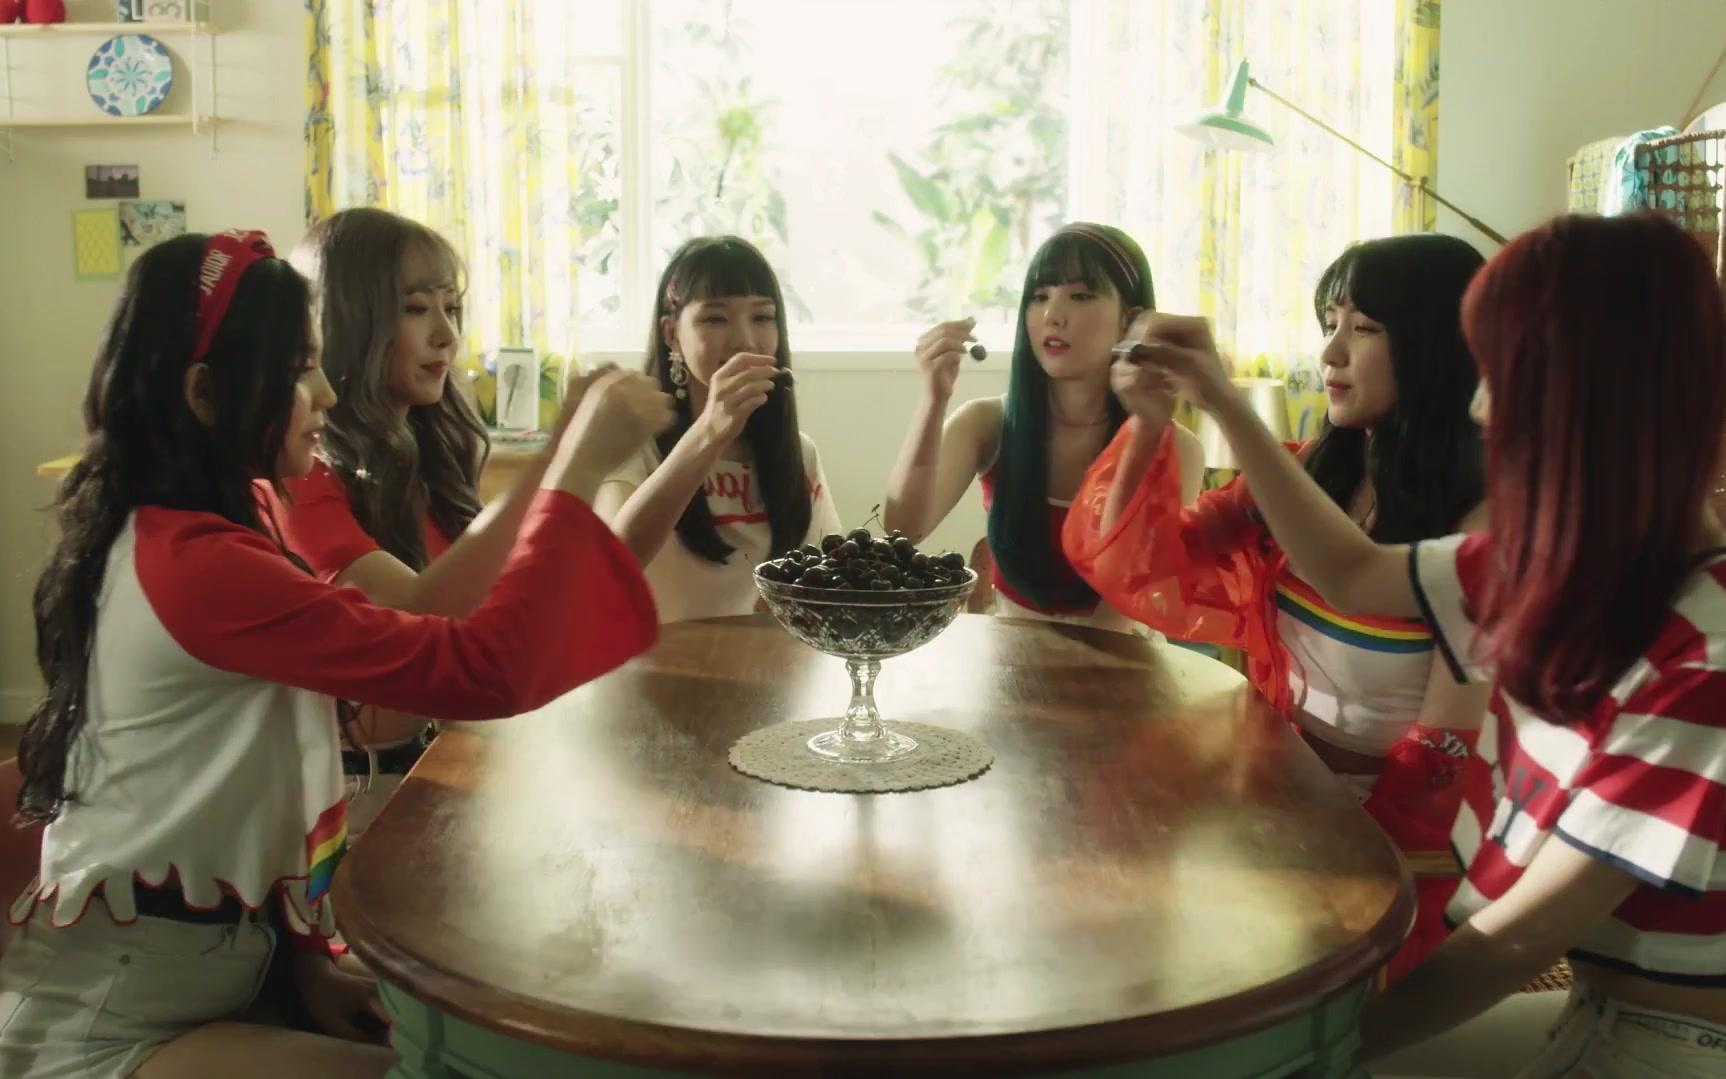 本质棒婊吧 百度贴吧 韩国本质音乐专区,本质棒粉音乐聚集地。 本吧是为韩国音乐粉丝提供专业数据分析,榜单乐评